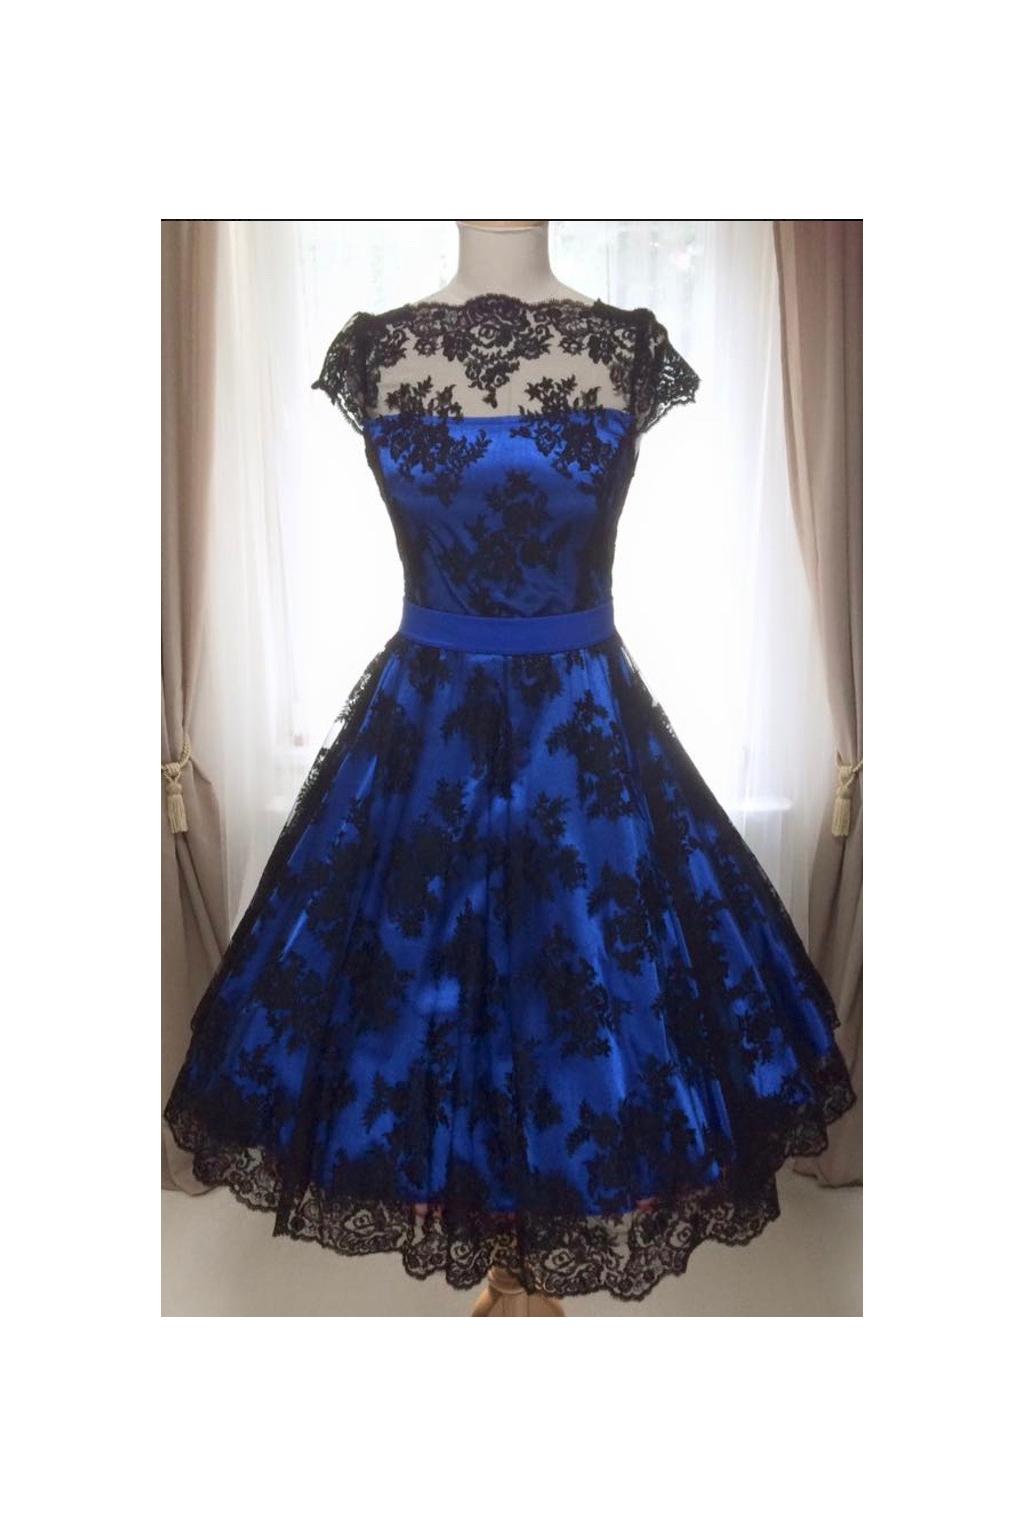 Korzetové retro šaty modro-černé - více barev - MiaBella 6d76723602c